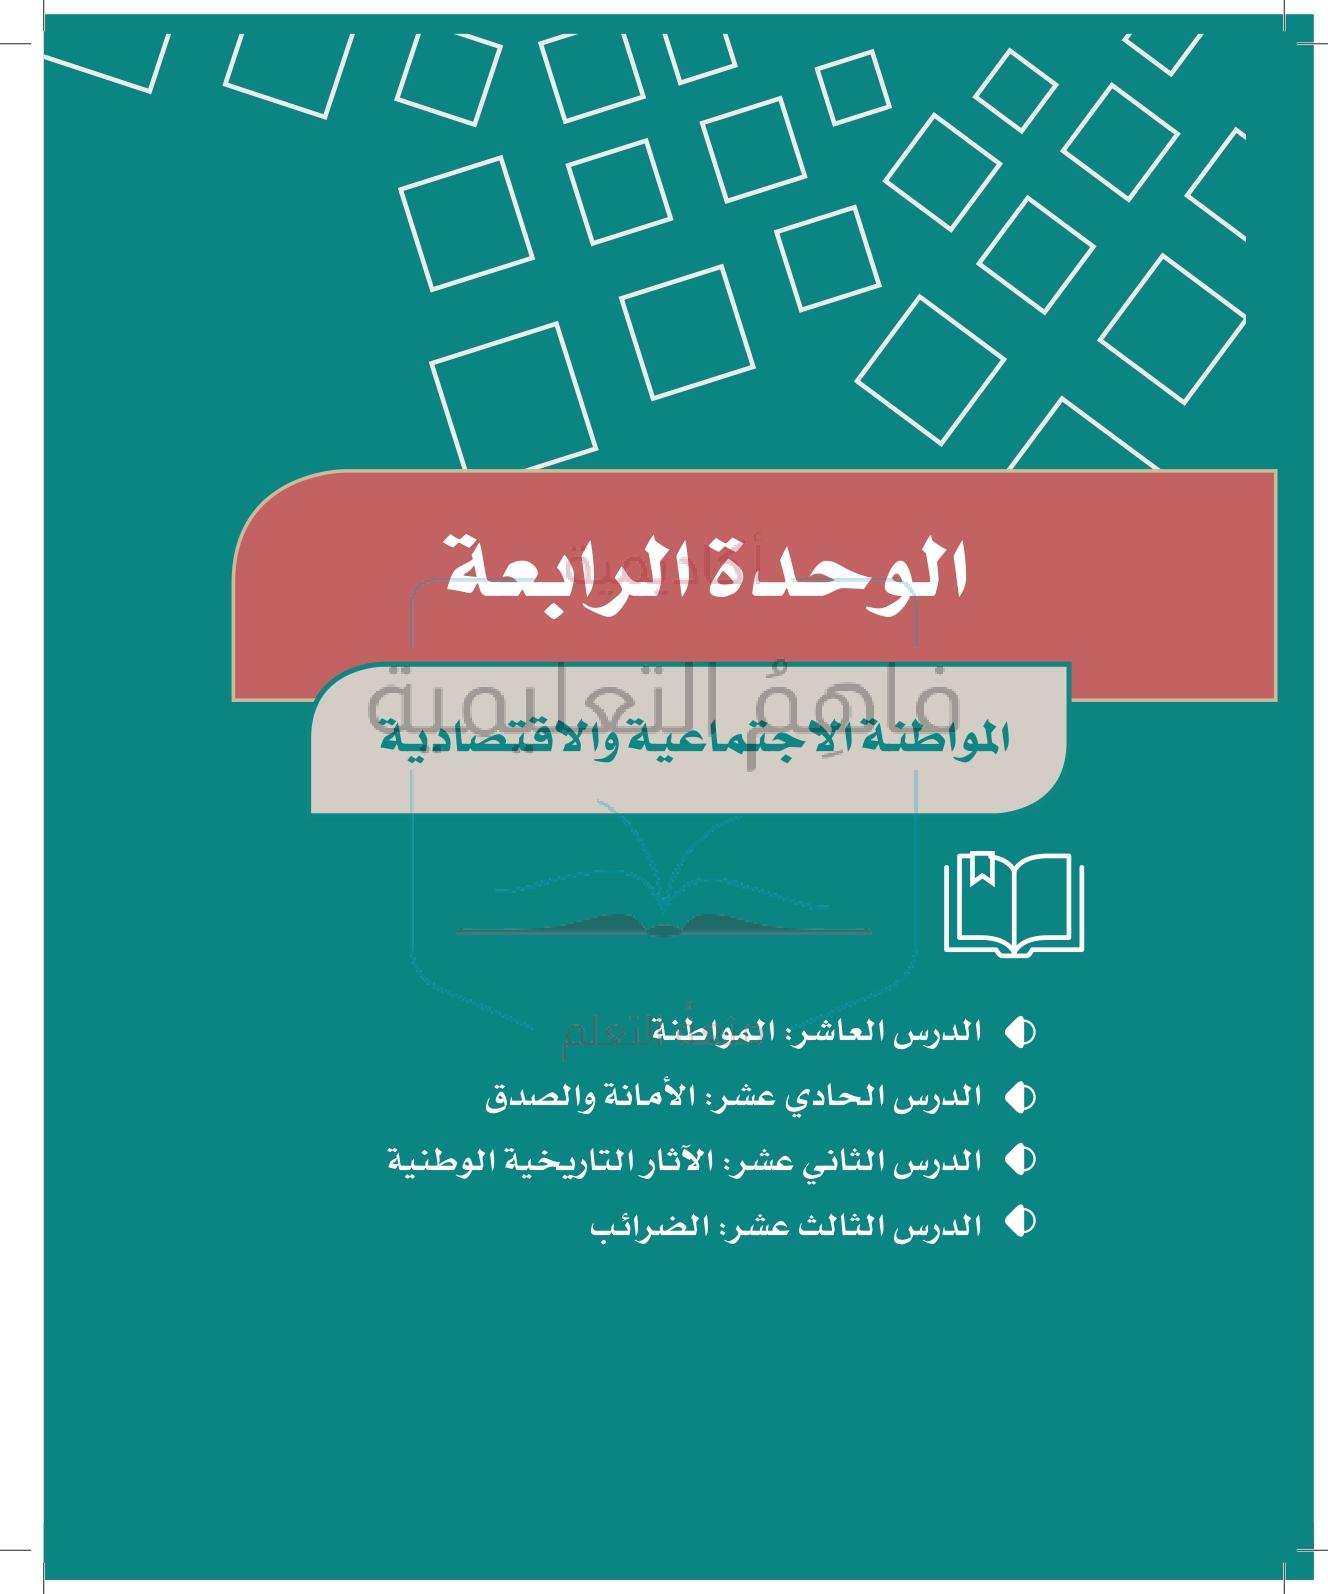 حل دراسات اجتماعية سادس – الوحدة (4) – المواطنة الاجتماعية والاقتصادية – صفحة 92-111